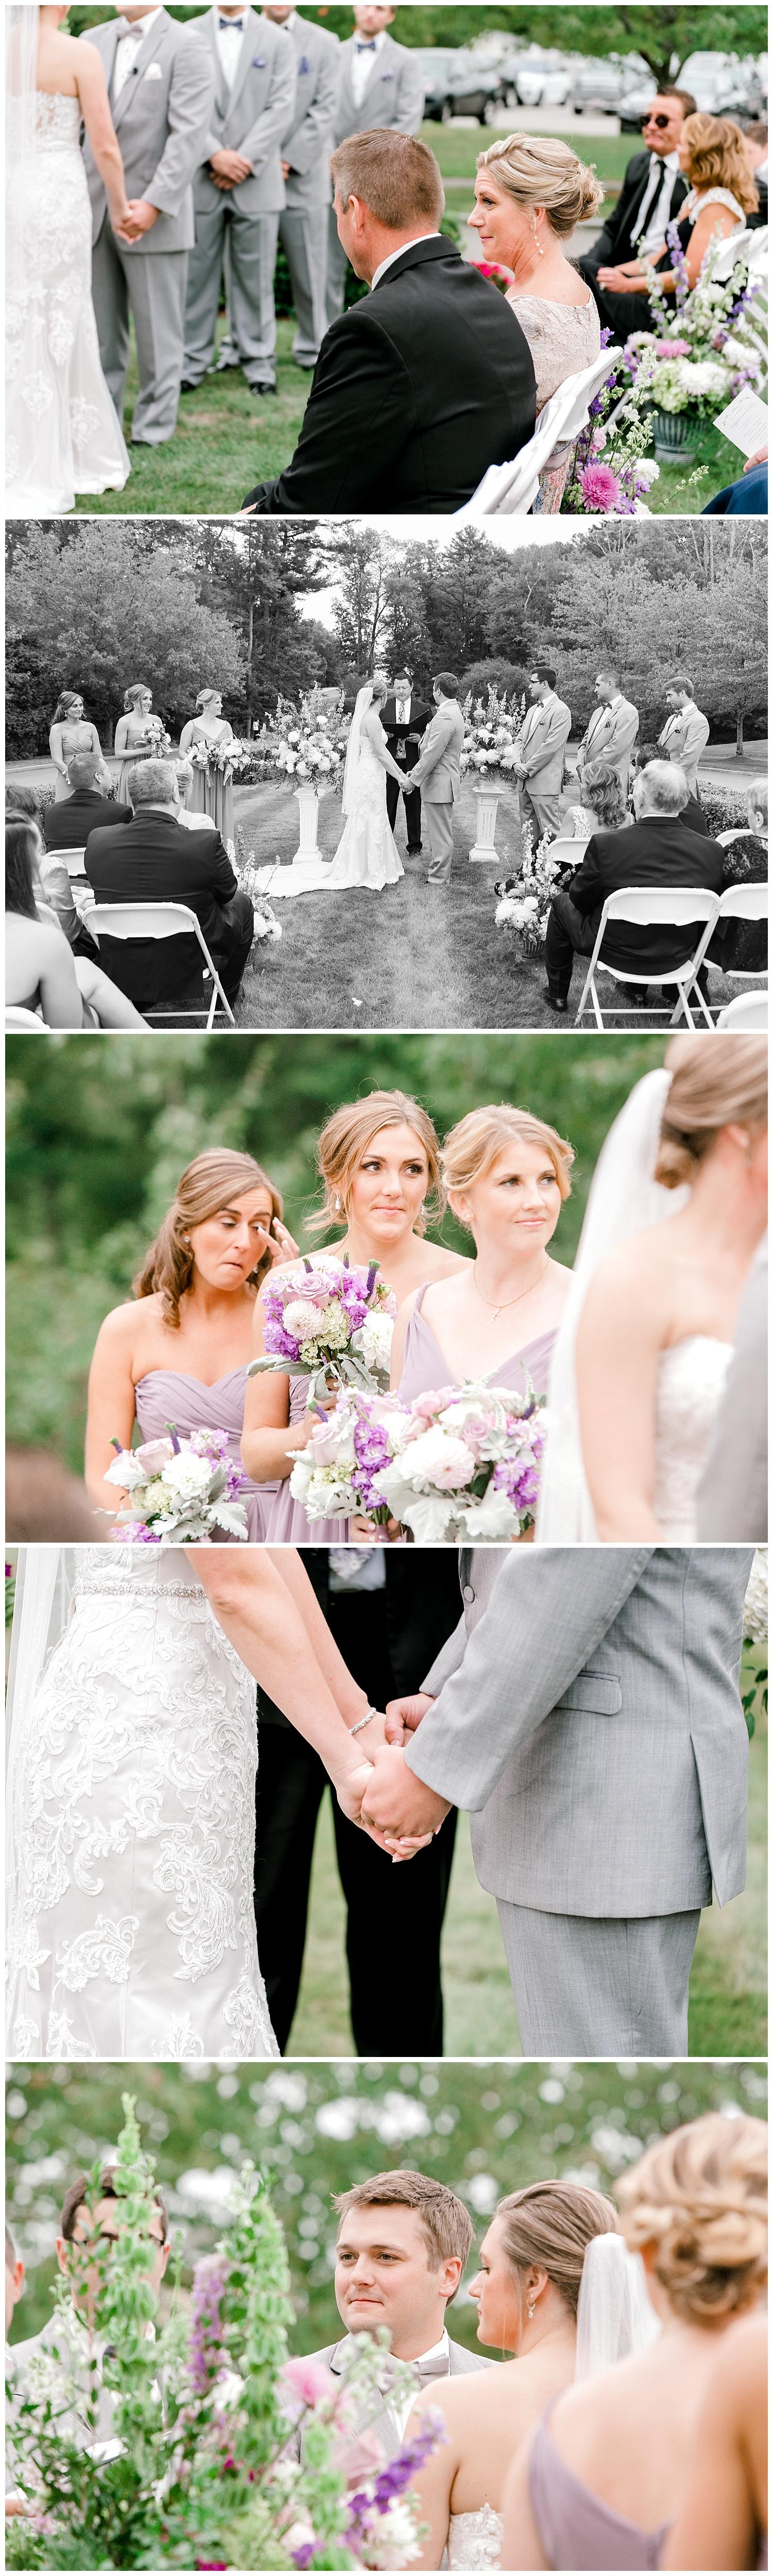 september9-charter-oak-country-club-wedding-photography-hudson-massachusetts-29.jpg